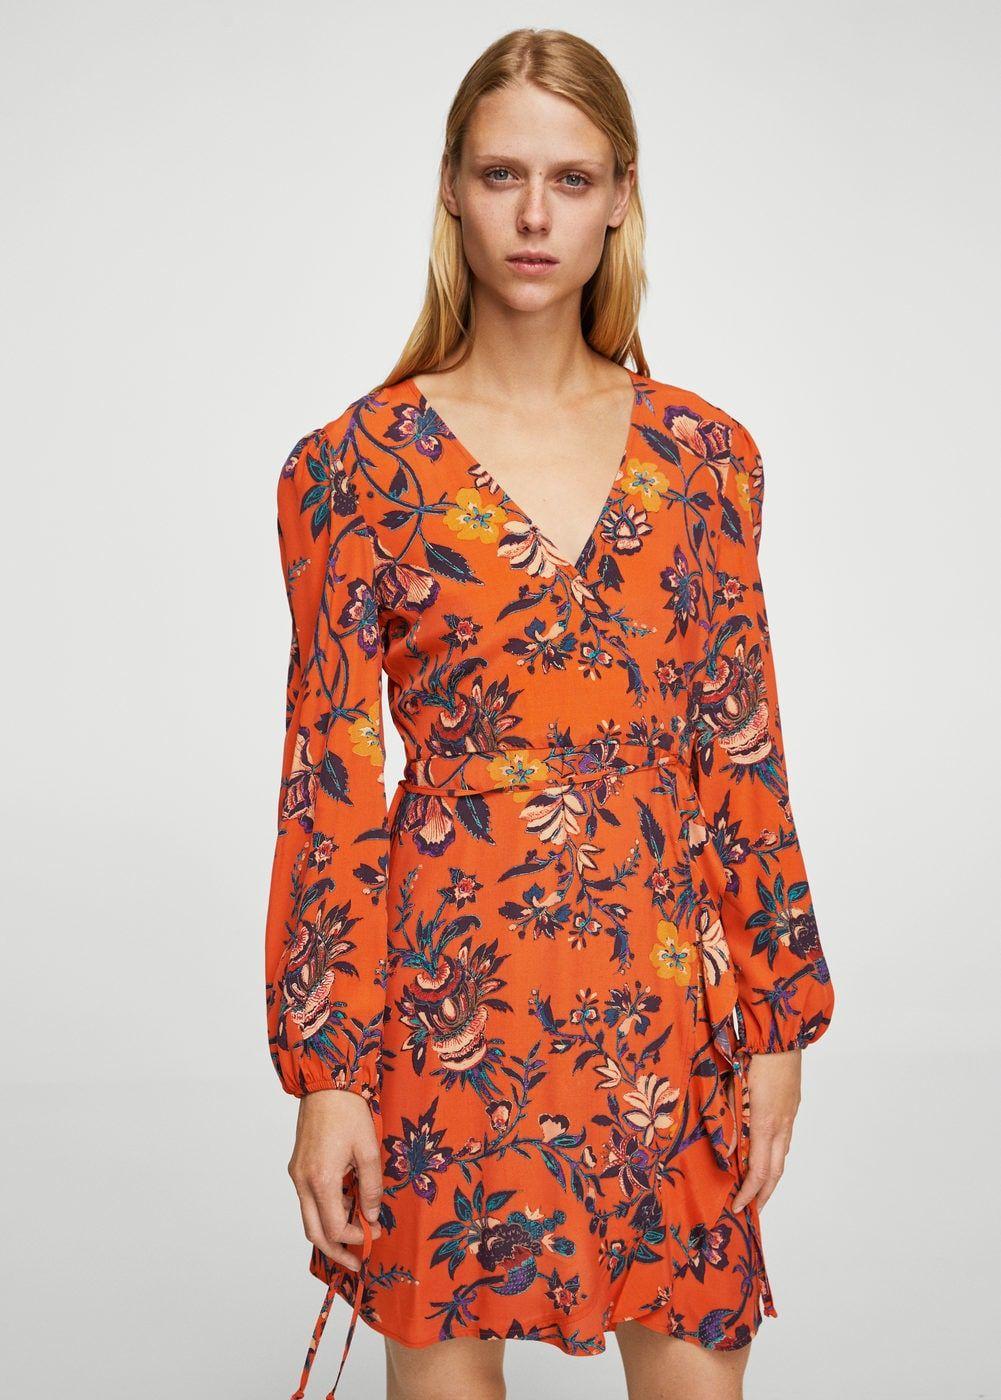 Vestido cruzado floral - Vestidos de Mujer en 2019  3d5ba36098f